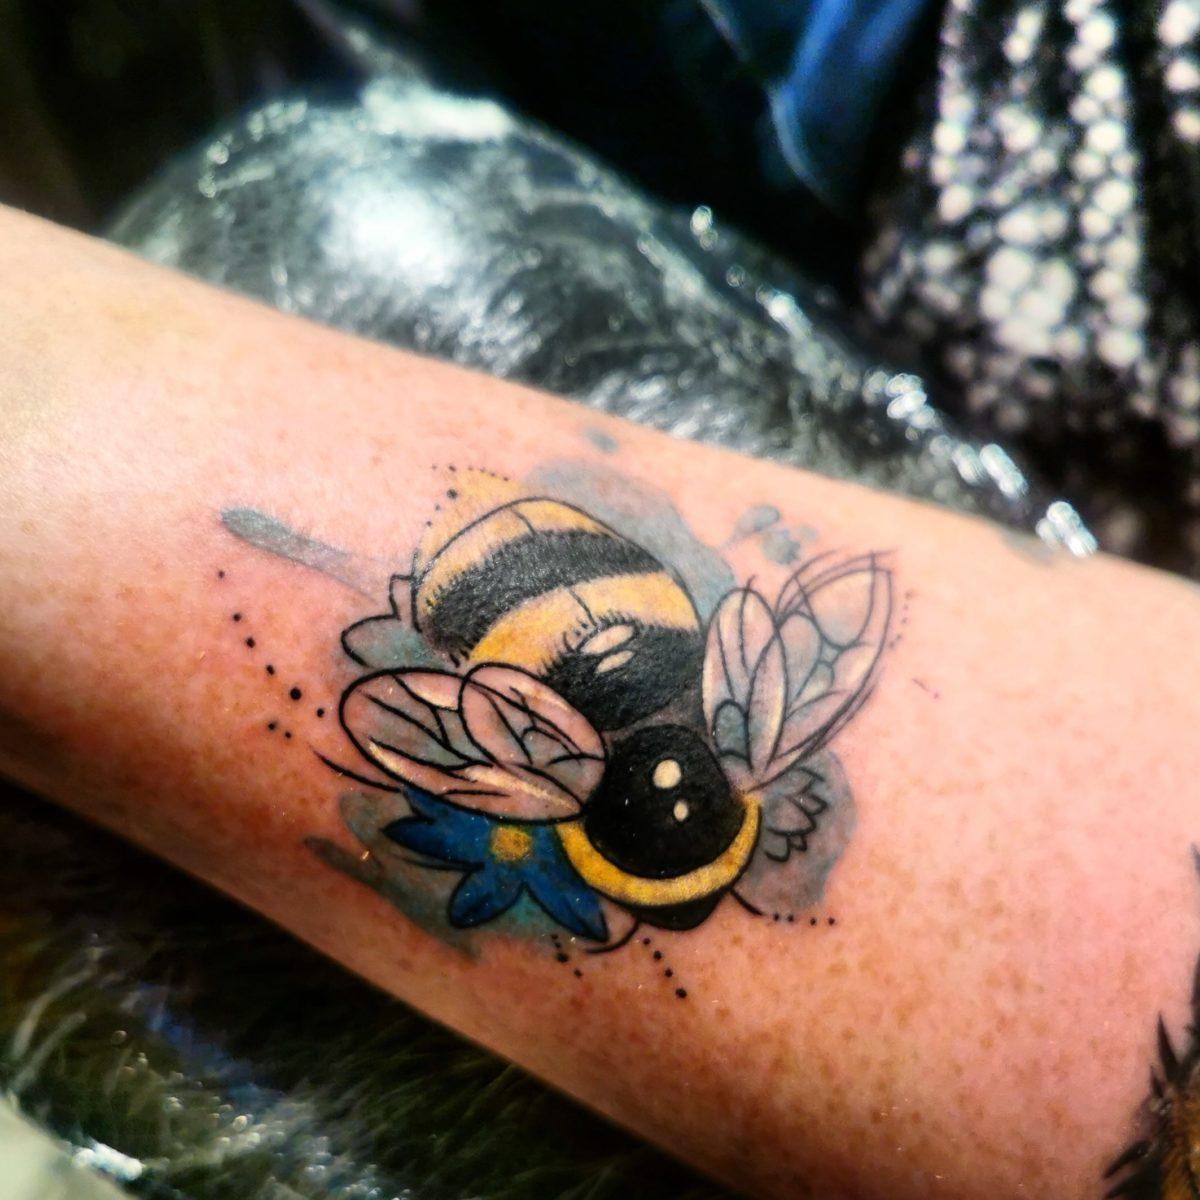 joakim-poulsen-tattoo-bee-arm